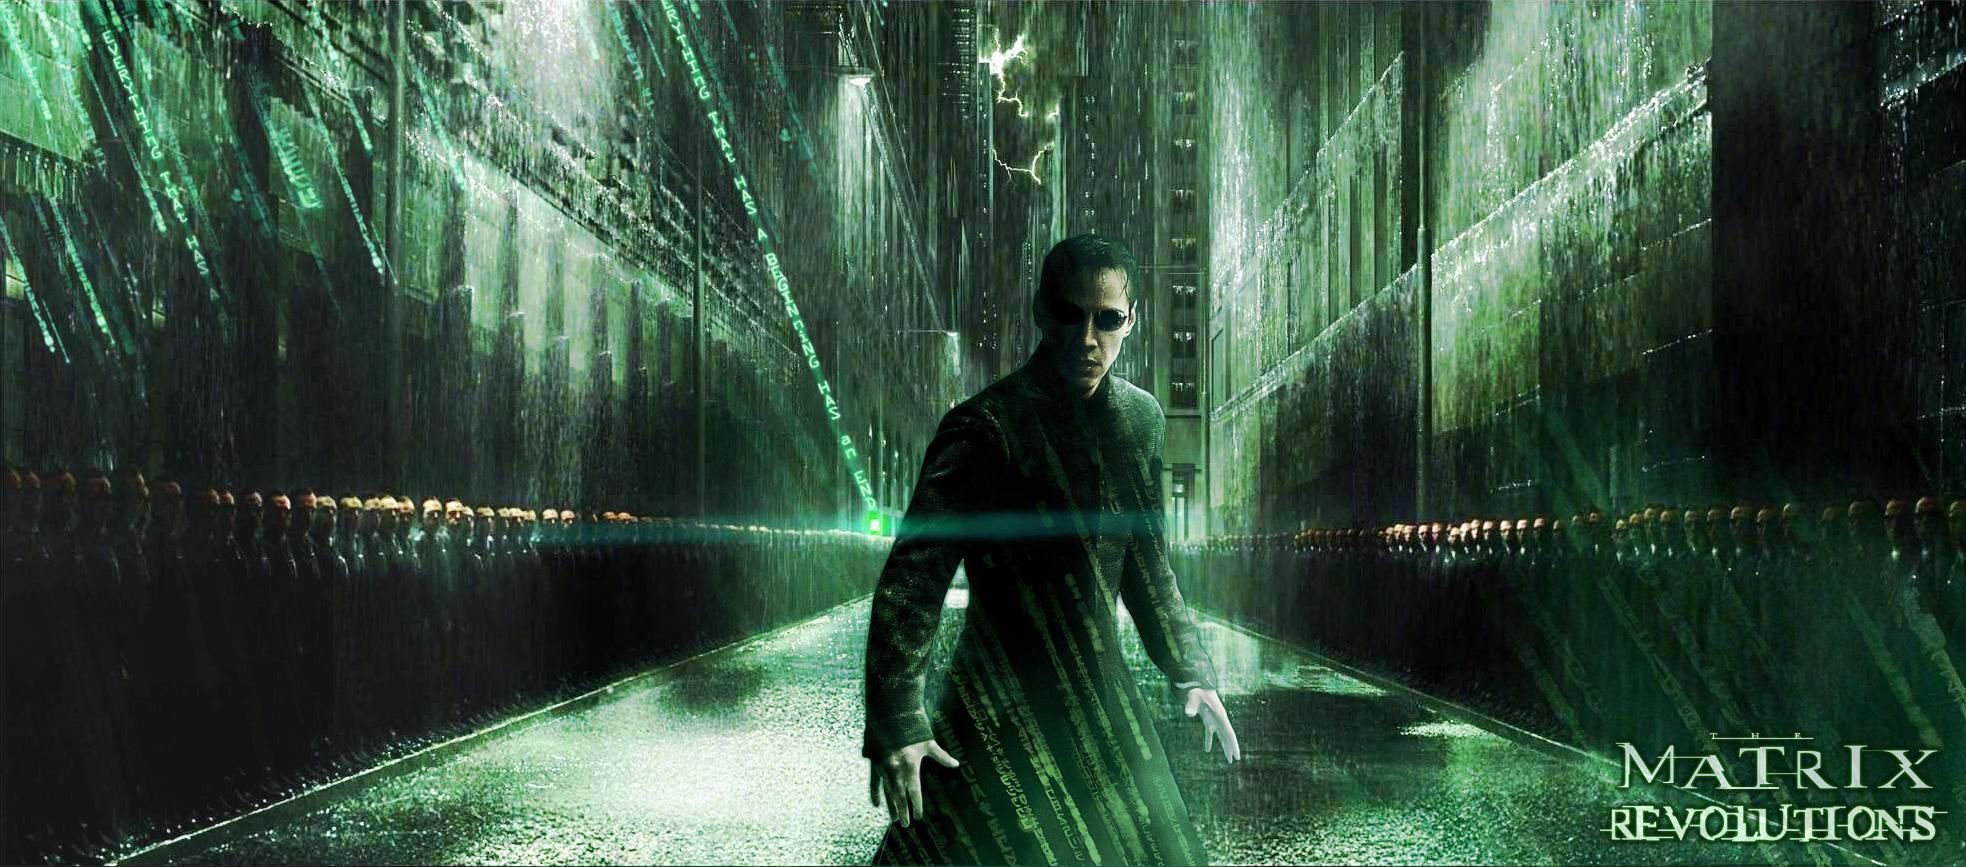 The Matrix Revolutions Wallpapers